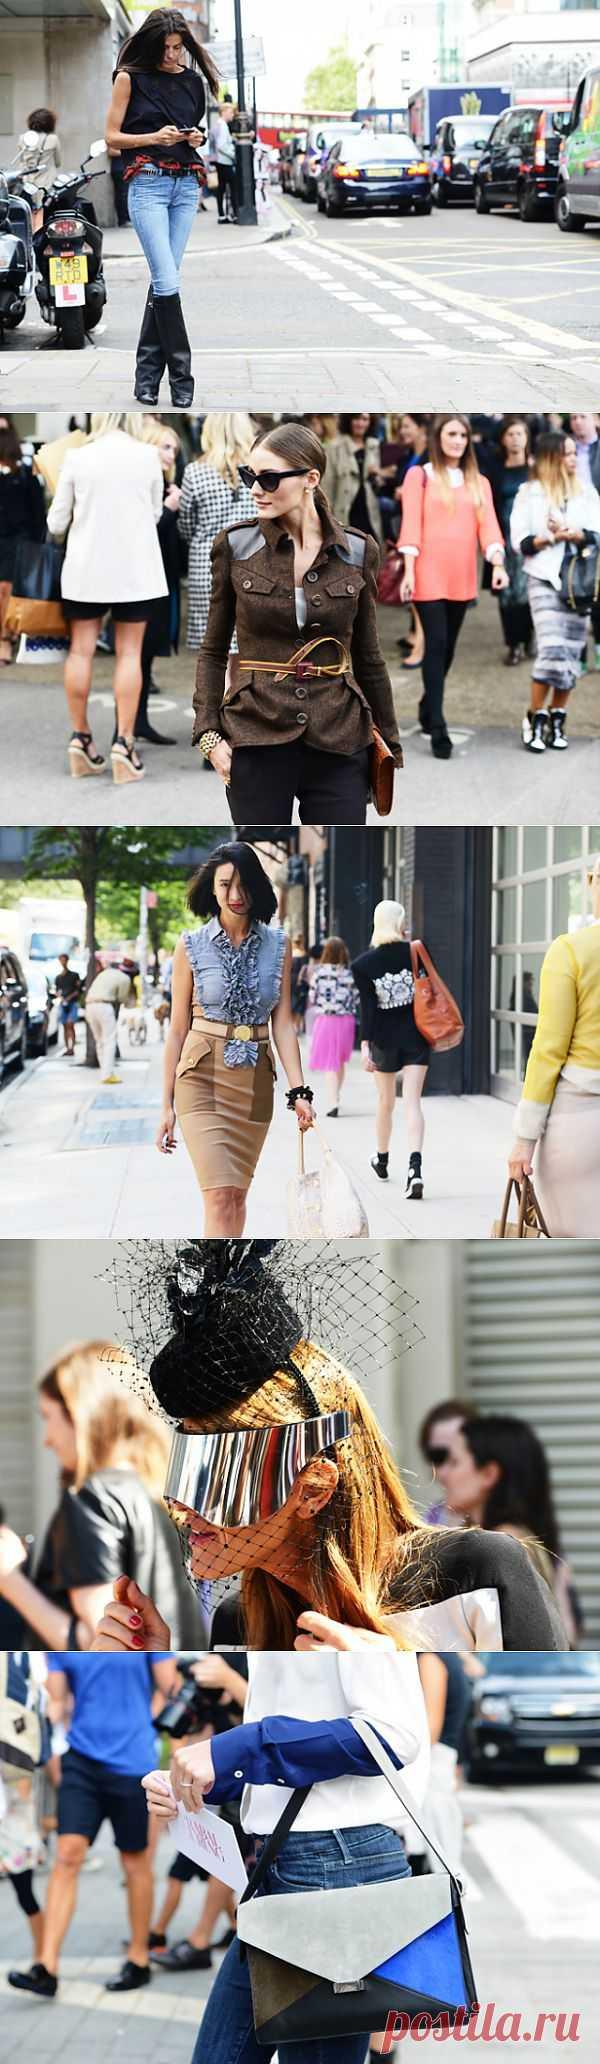 Идеи с улиц (трафик) / Street Style / Модный сайт о стильной переделке одежды и интерьера